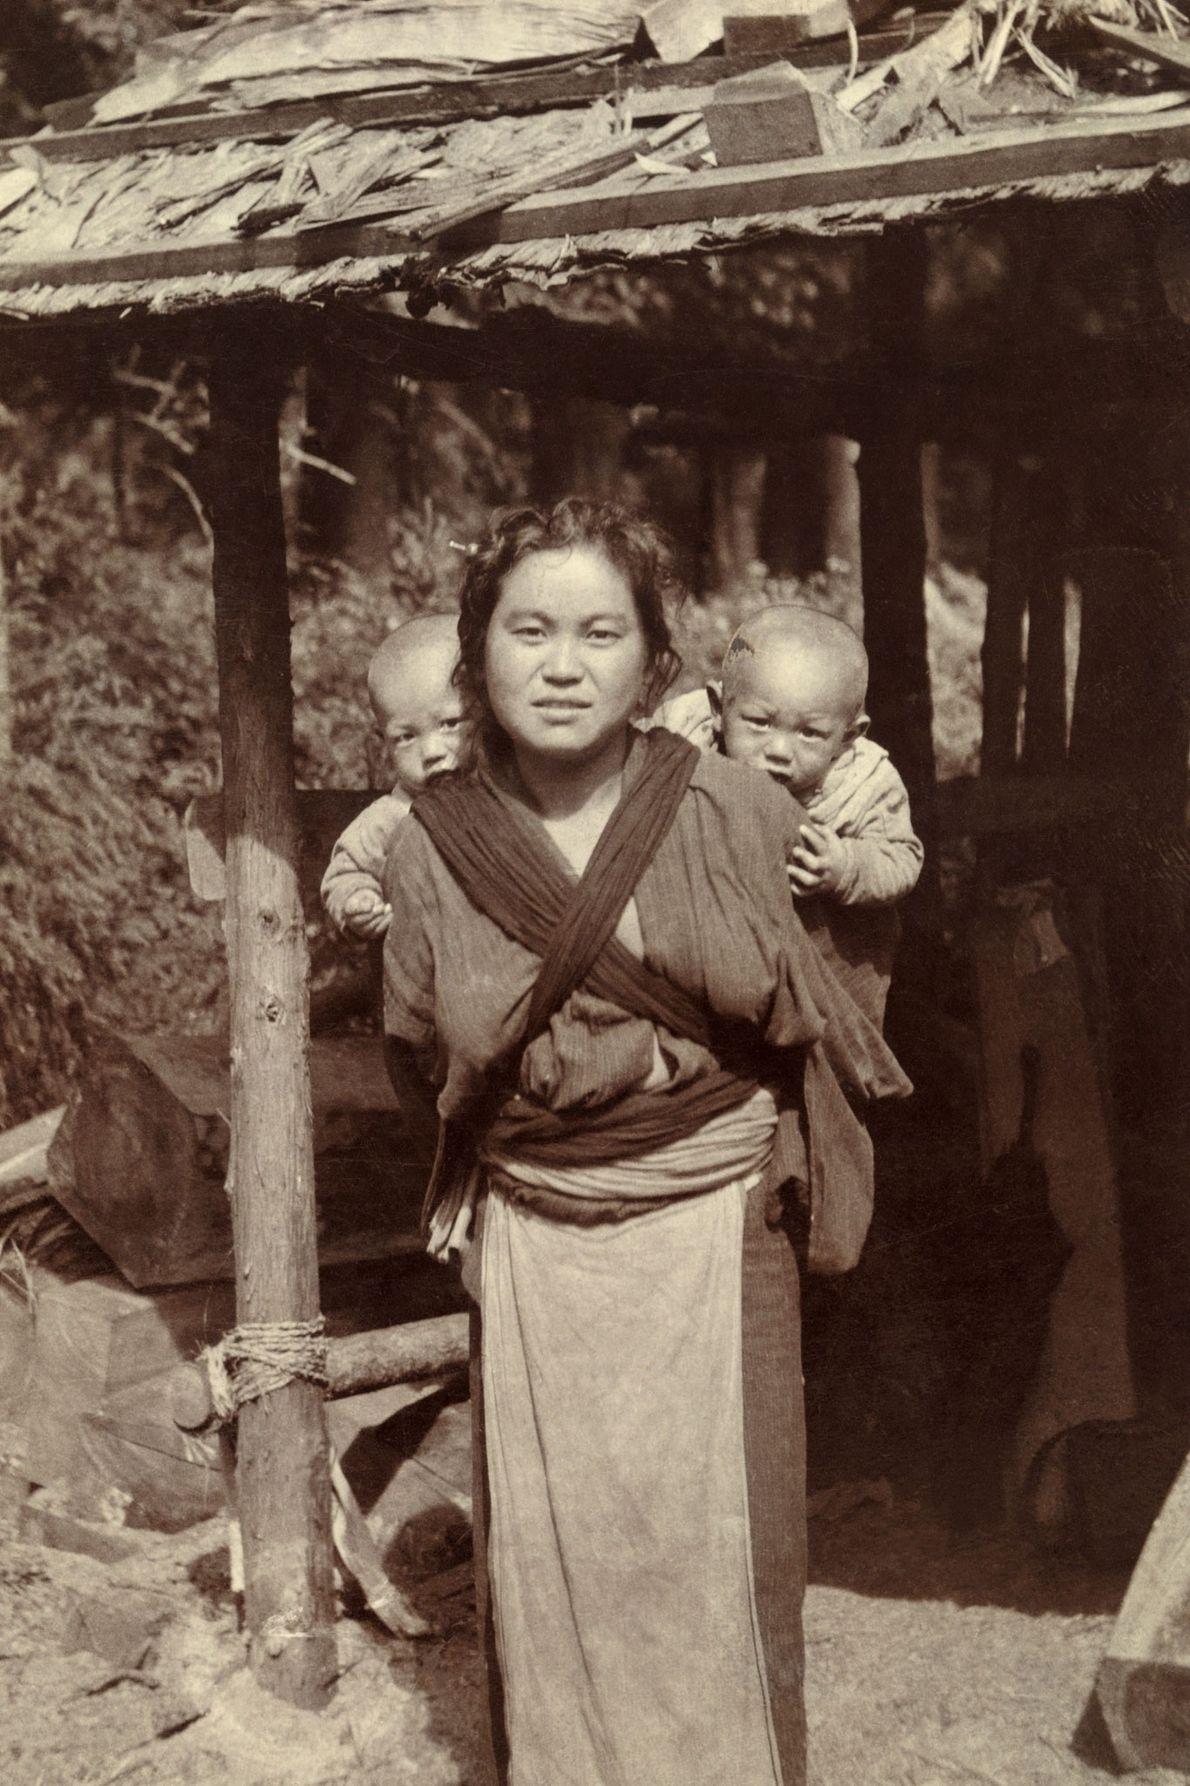 Eine japanische Mutter trägt ihre Zwillinge mit einem Tragetuch auf dem Rücken.